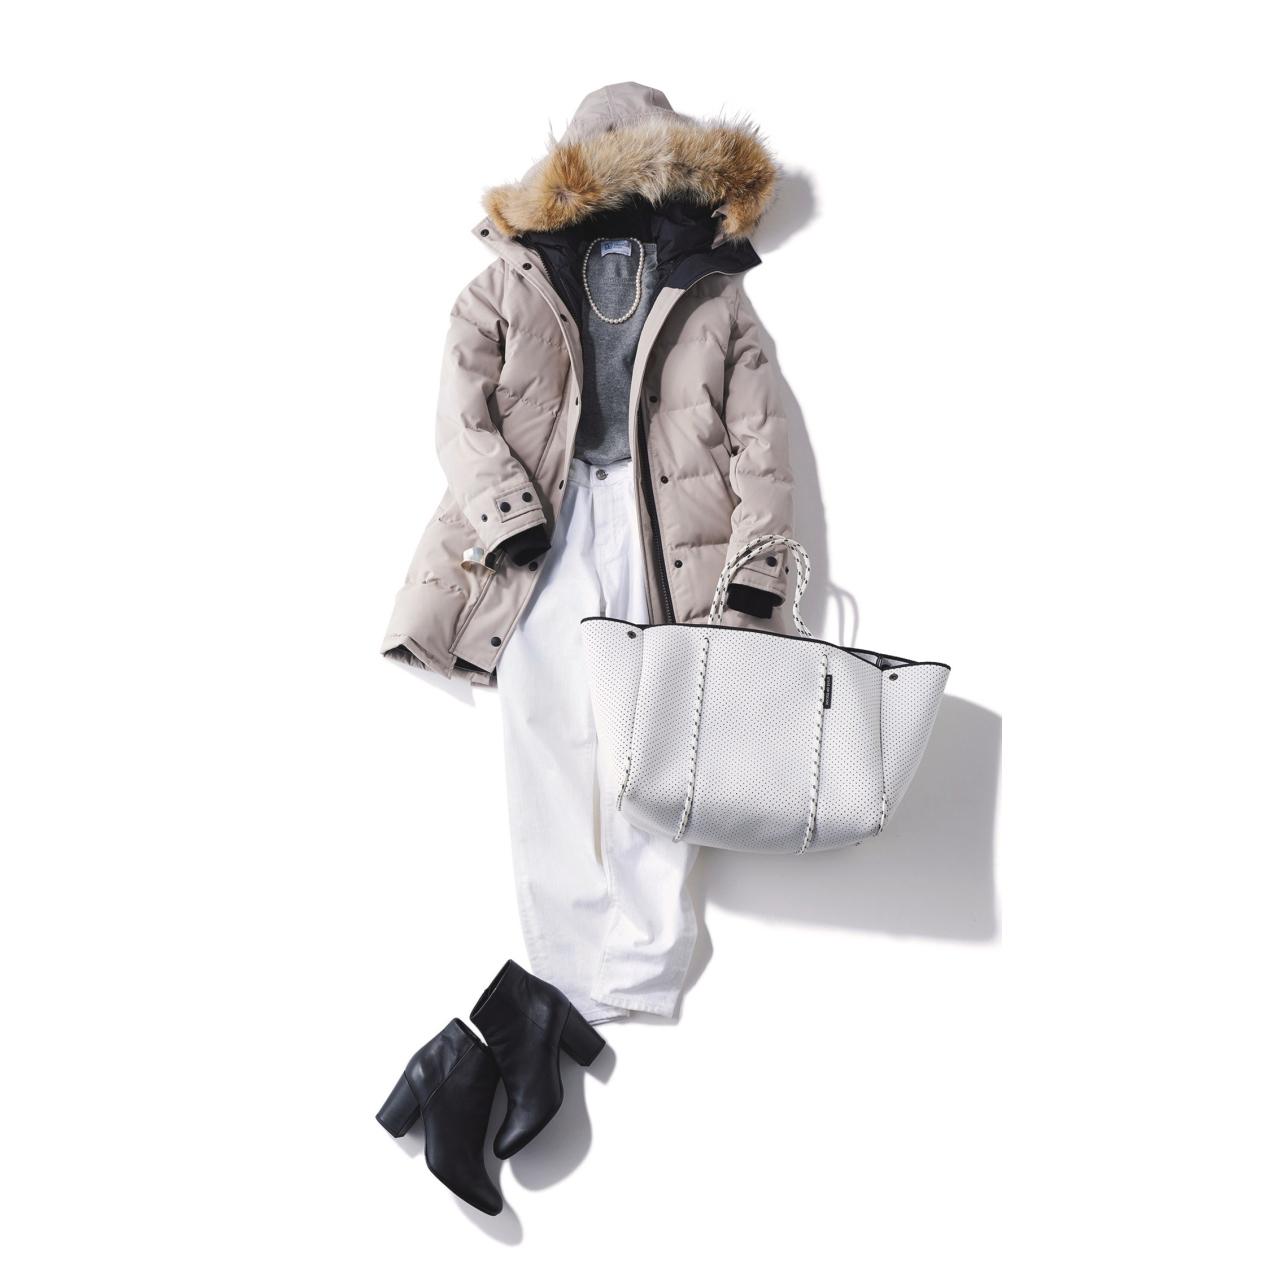 ダウンコート×白デニムパンツのファッションコーデ